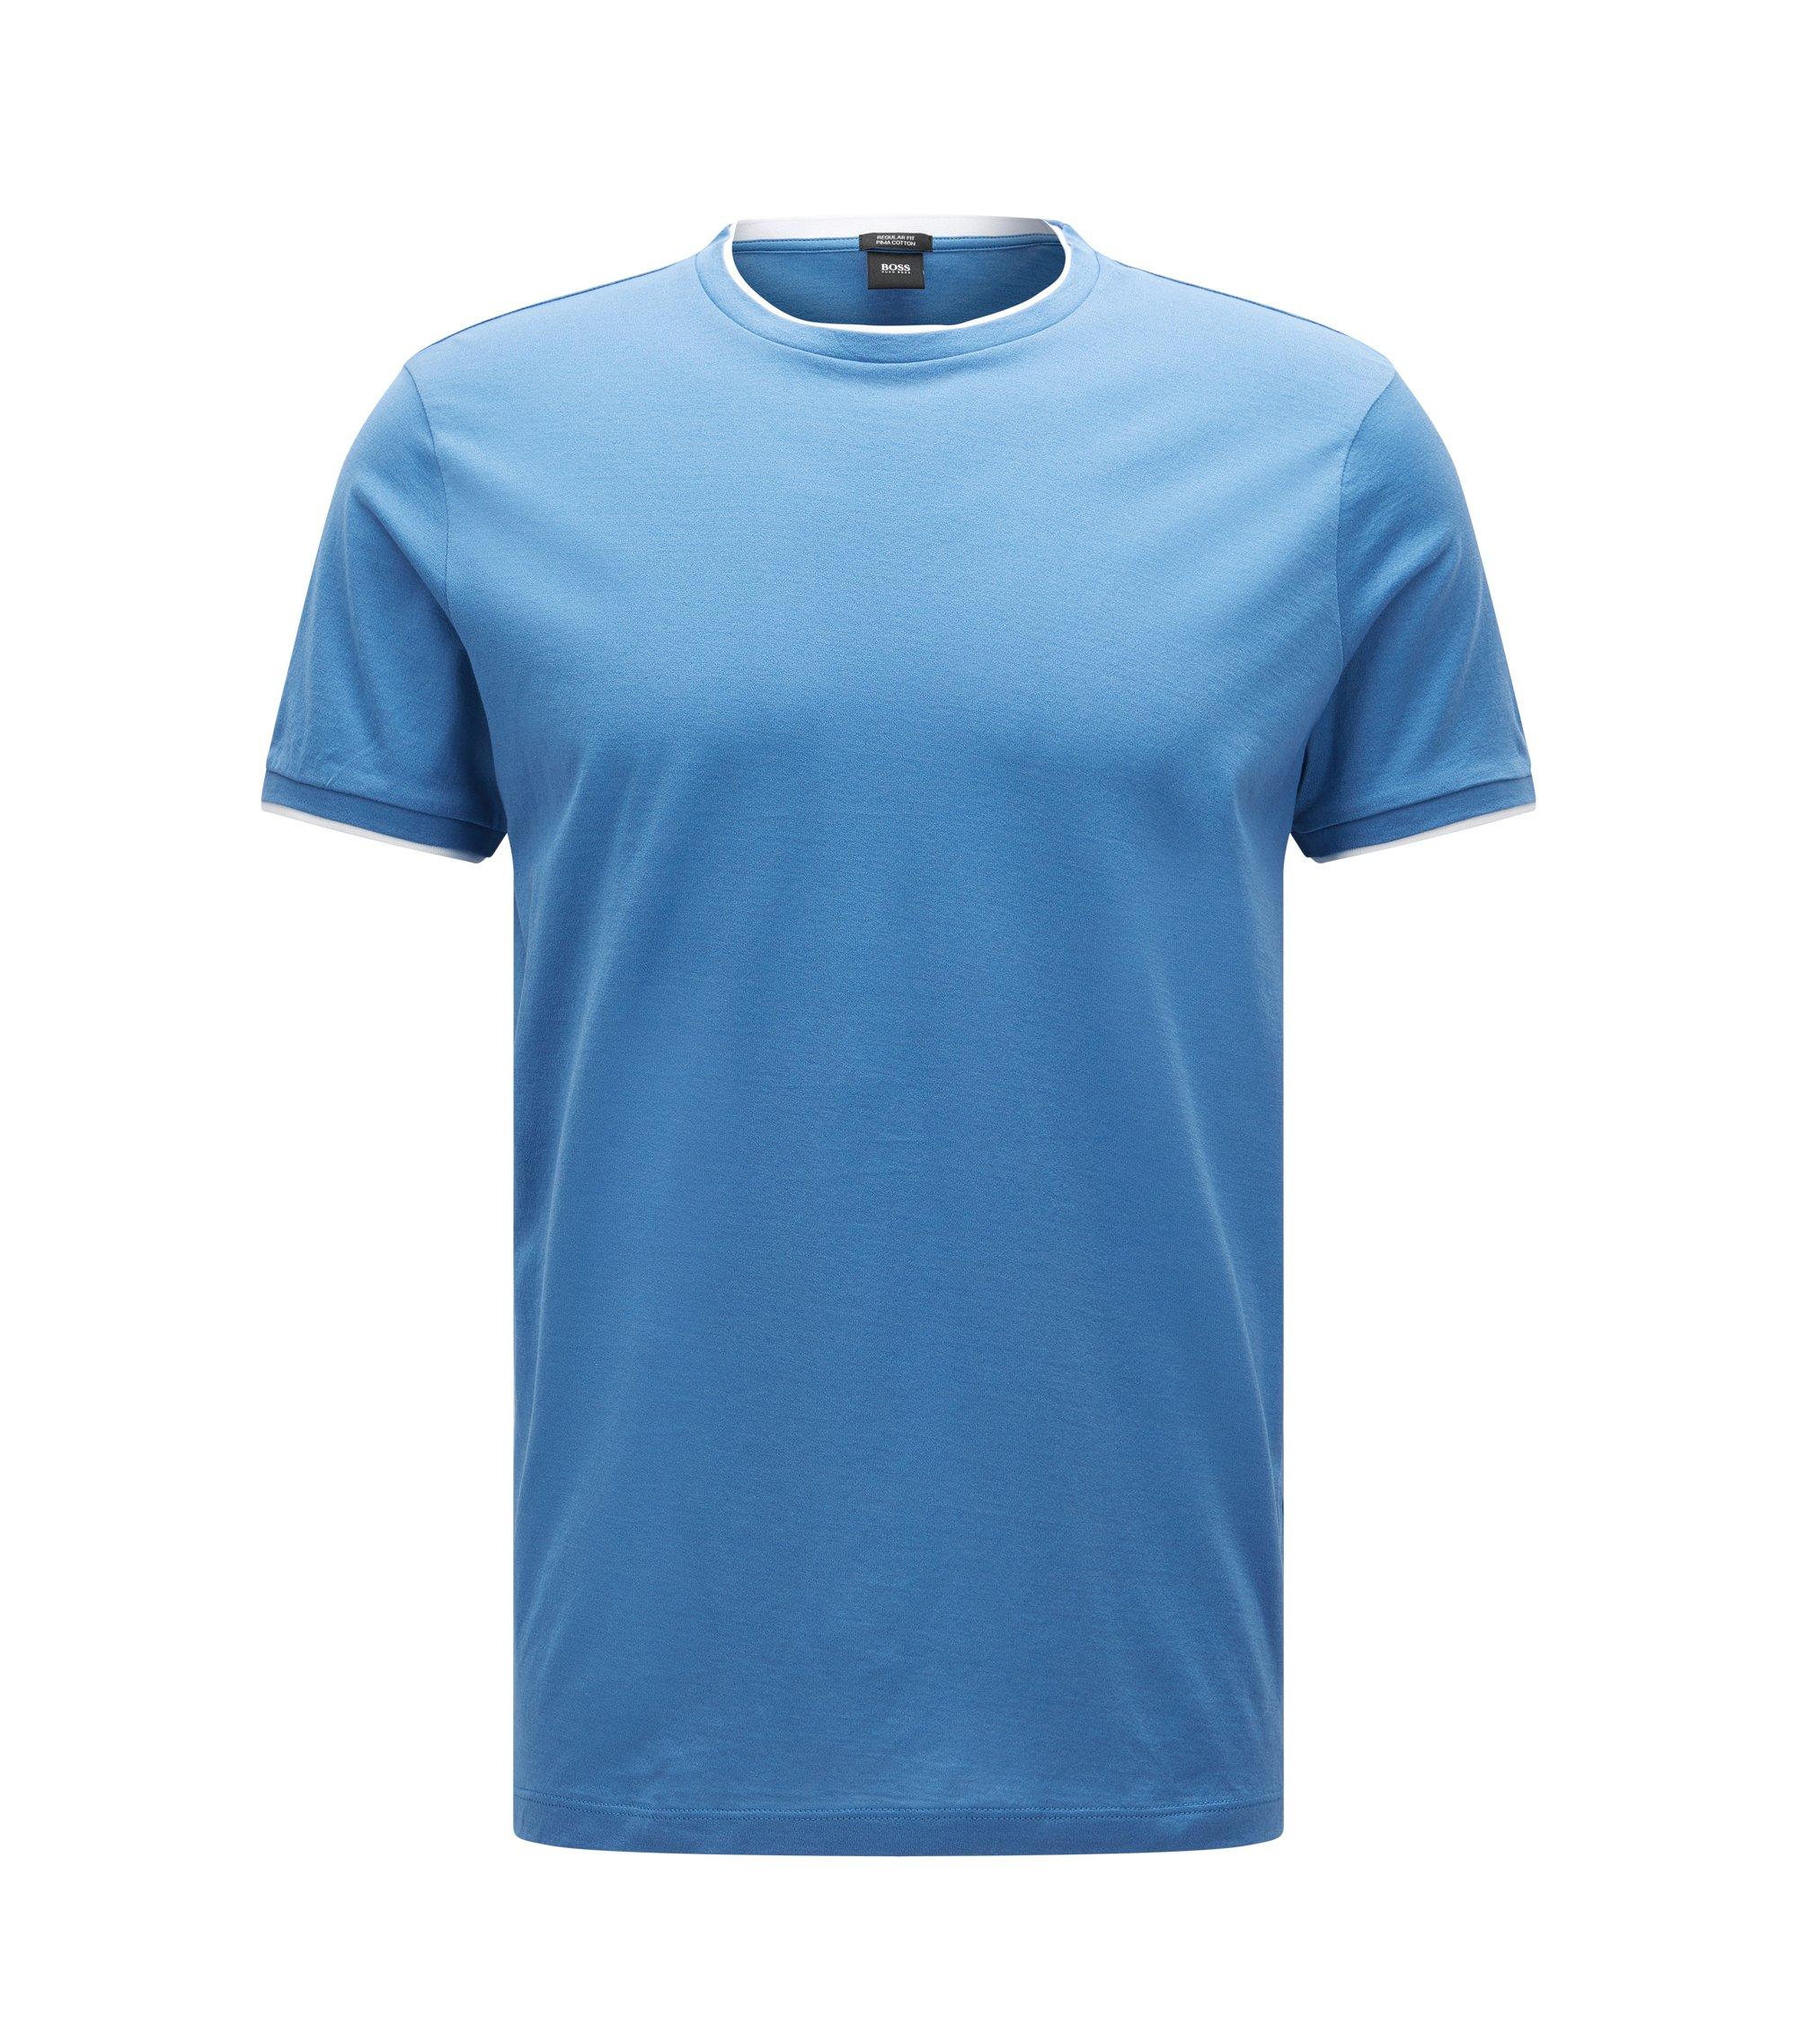 Relaxed-Fit T-Shirt aus Pima-Baumwolle im Lagen-Look, Blau